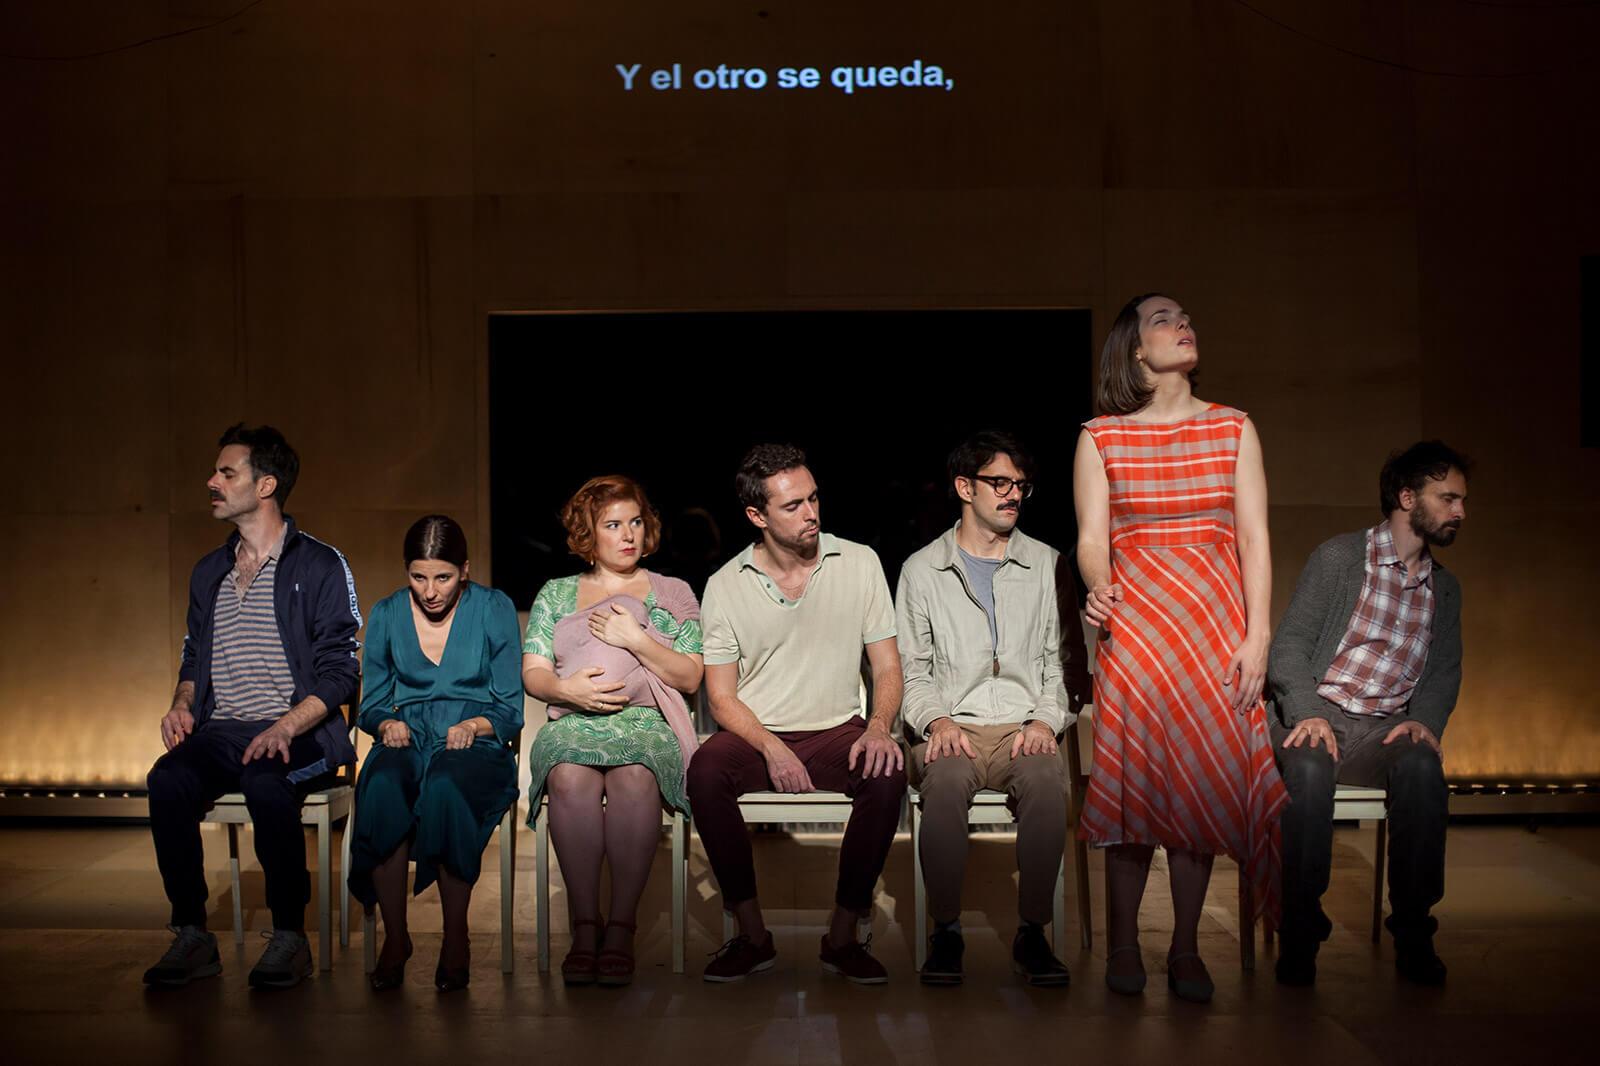 Las canciones, Teatro Pavón Kamikaze